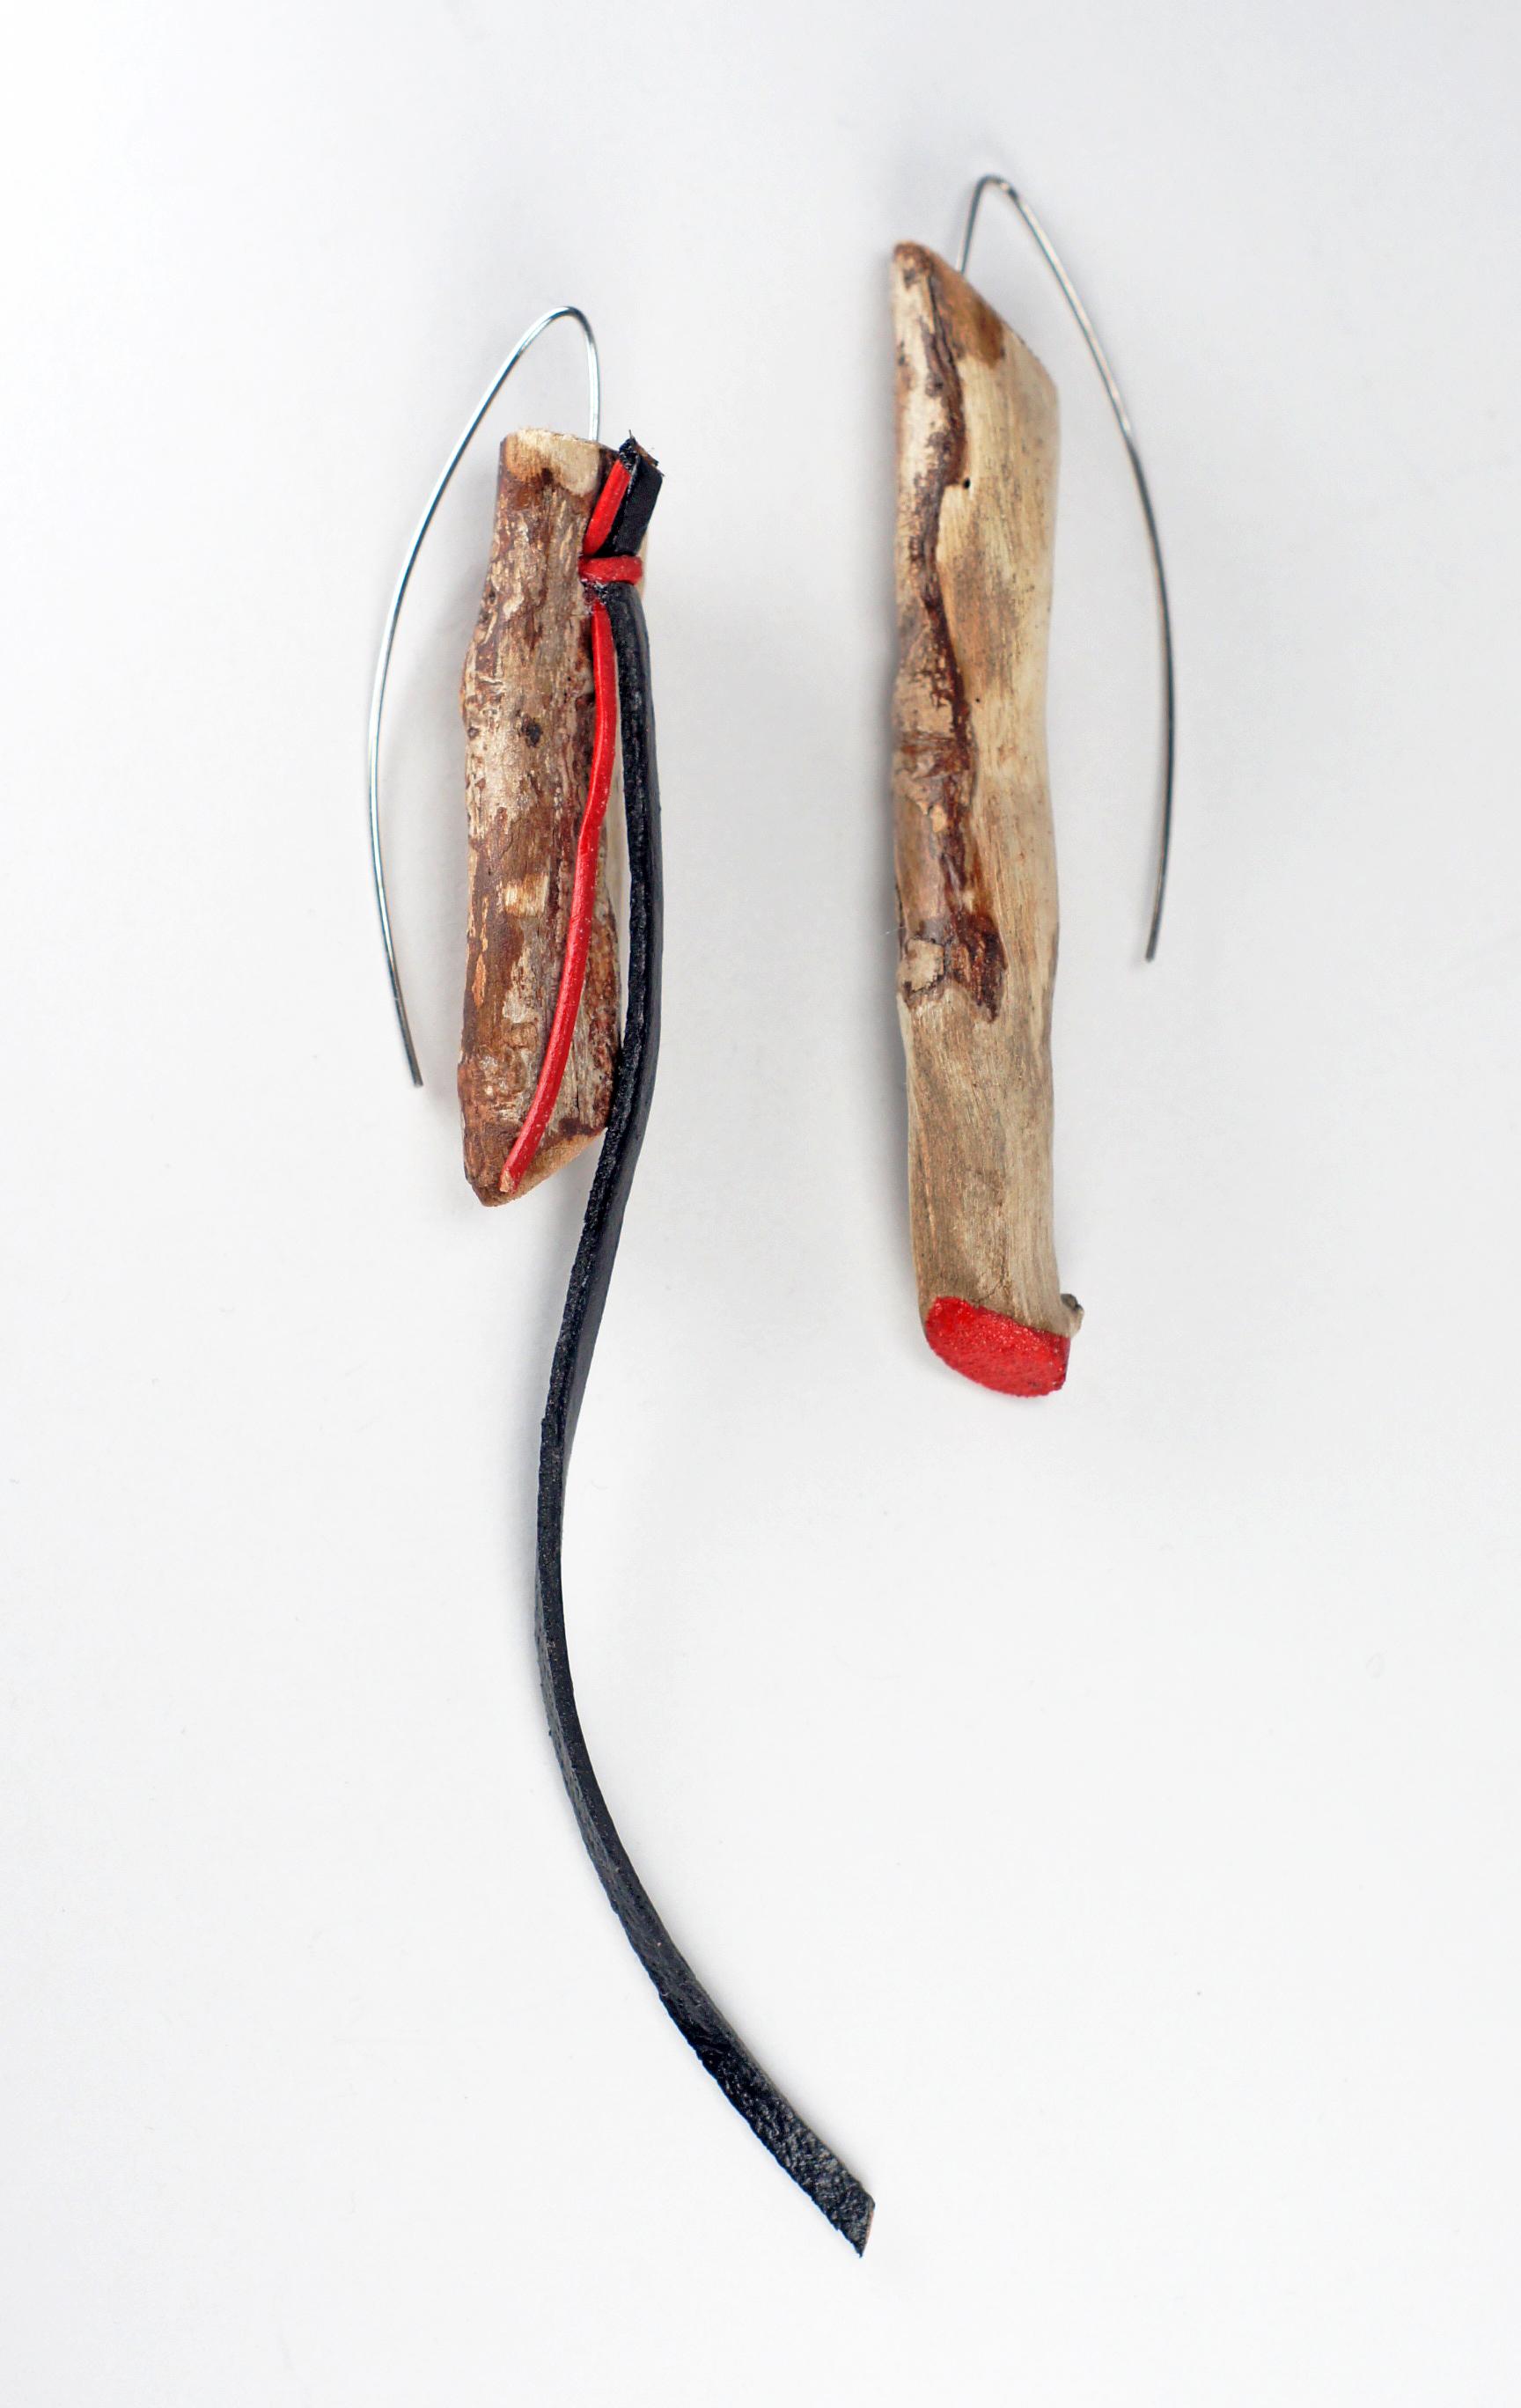 Обици `Red and black`- дръвчетата са намерени по бреговете на река Арда, оцветени ръчно с акрилна боя, използвана е естествена кожа и стоматологична тел.